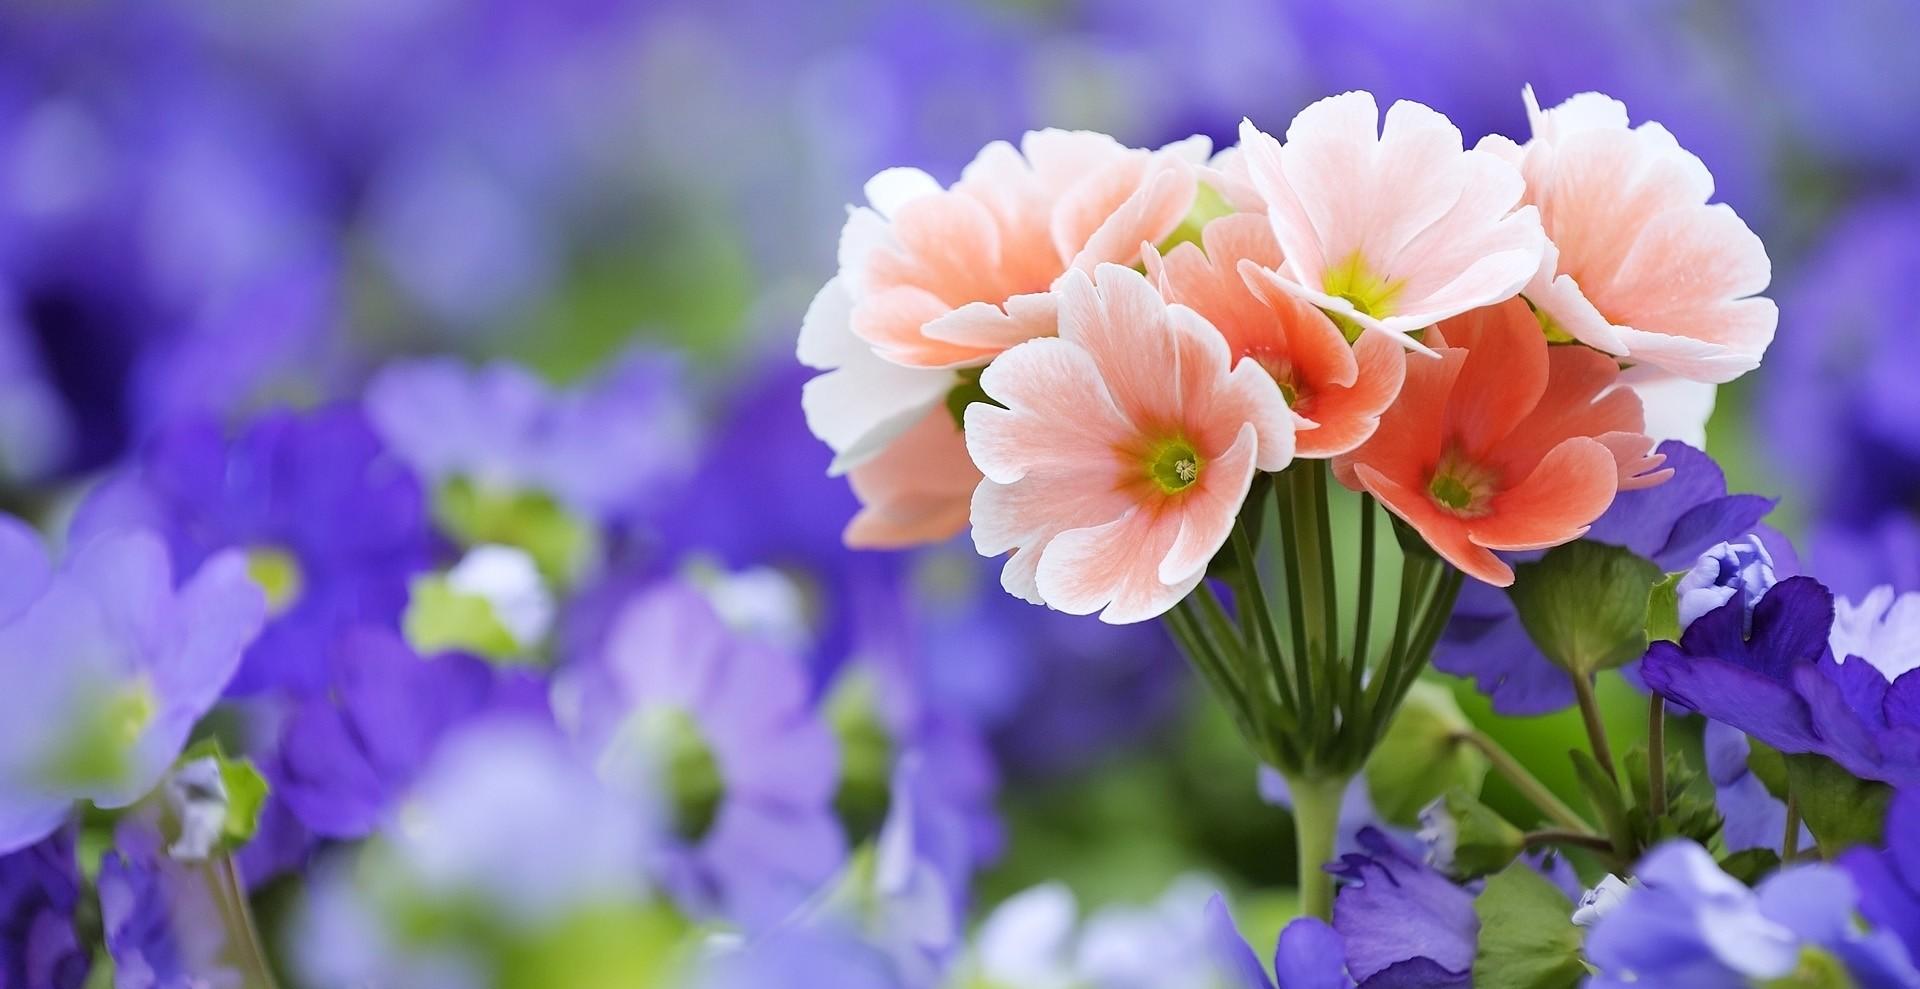 rüyada çiçek görmek 1